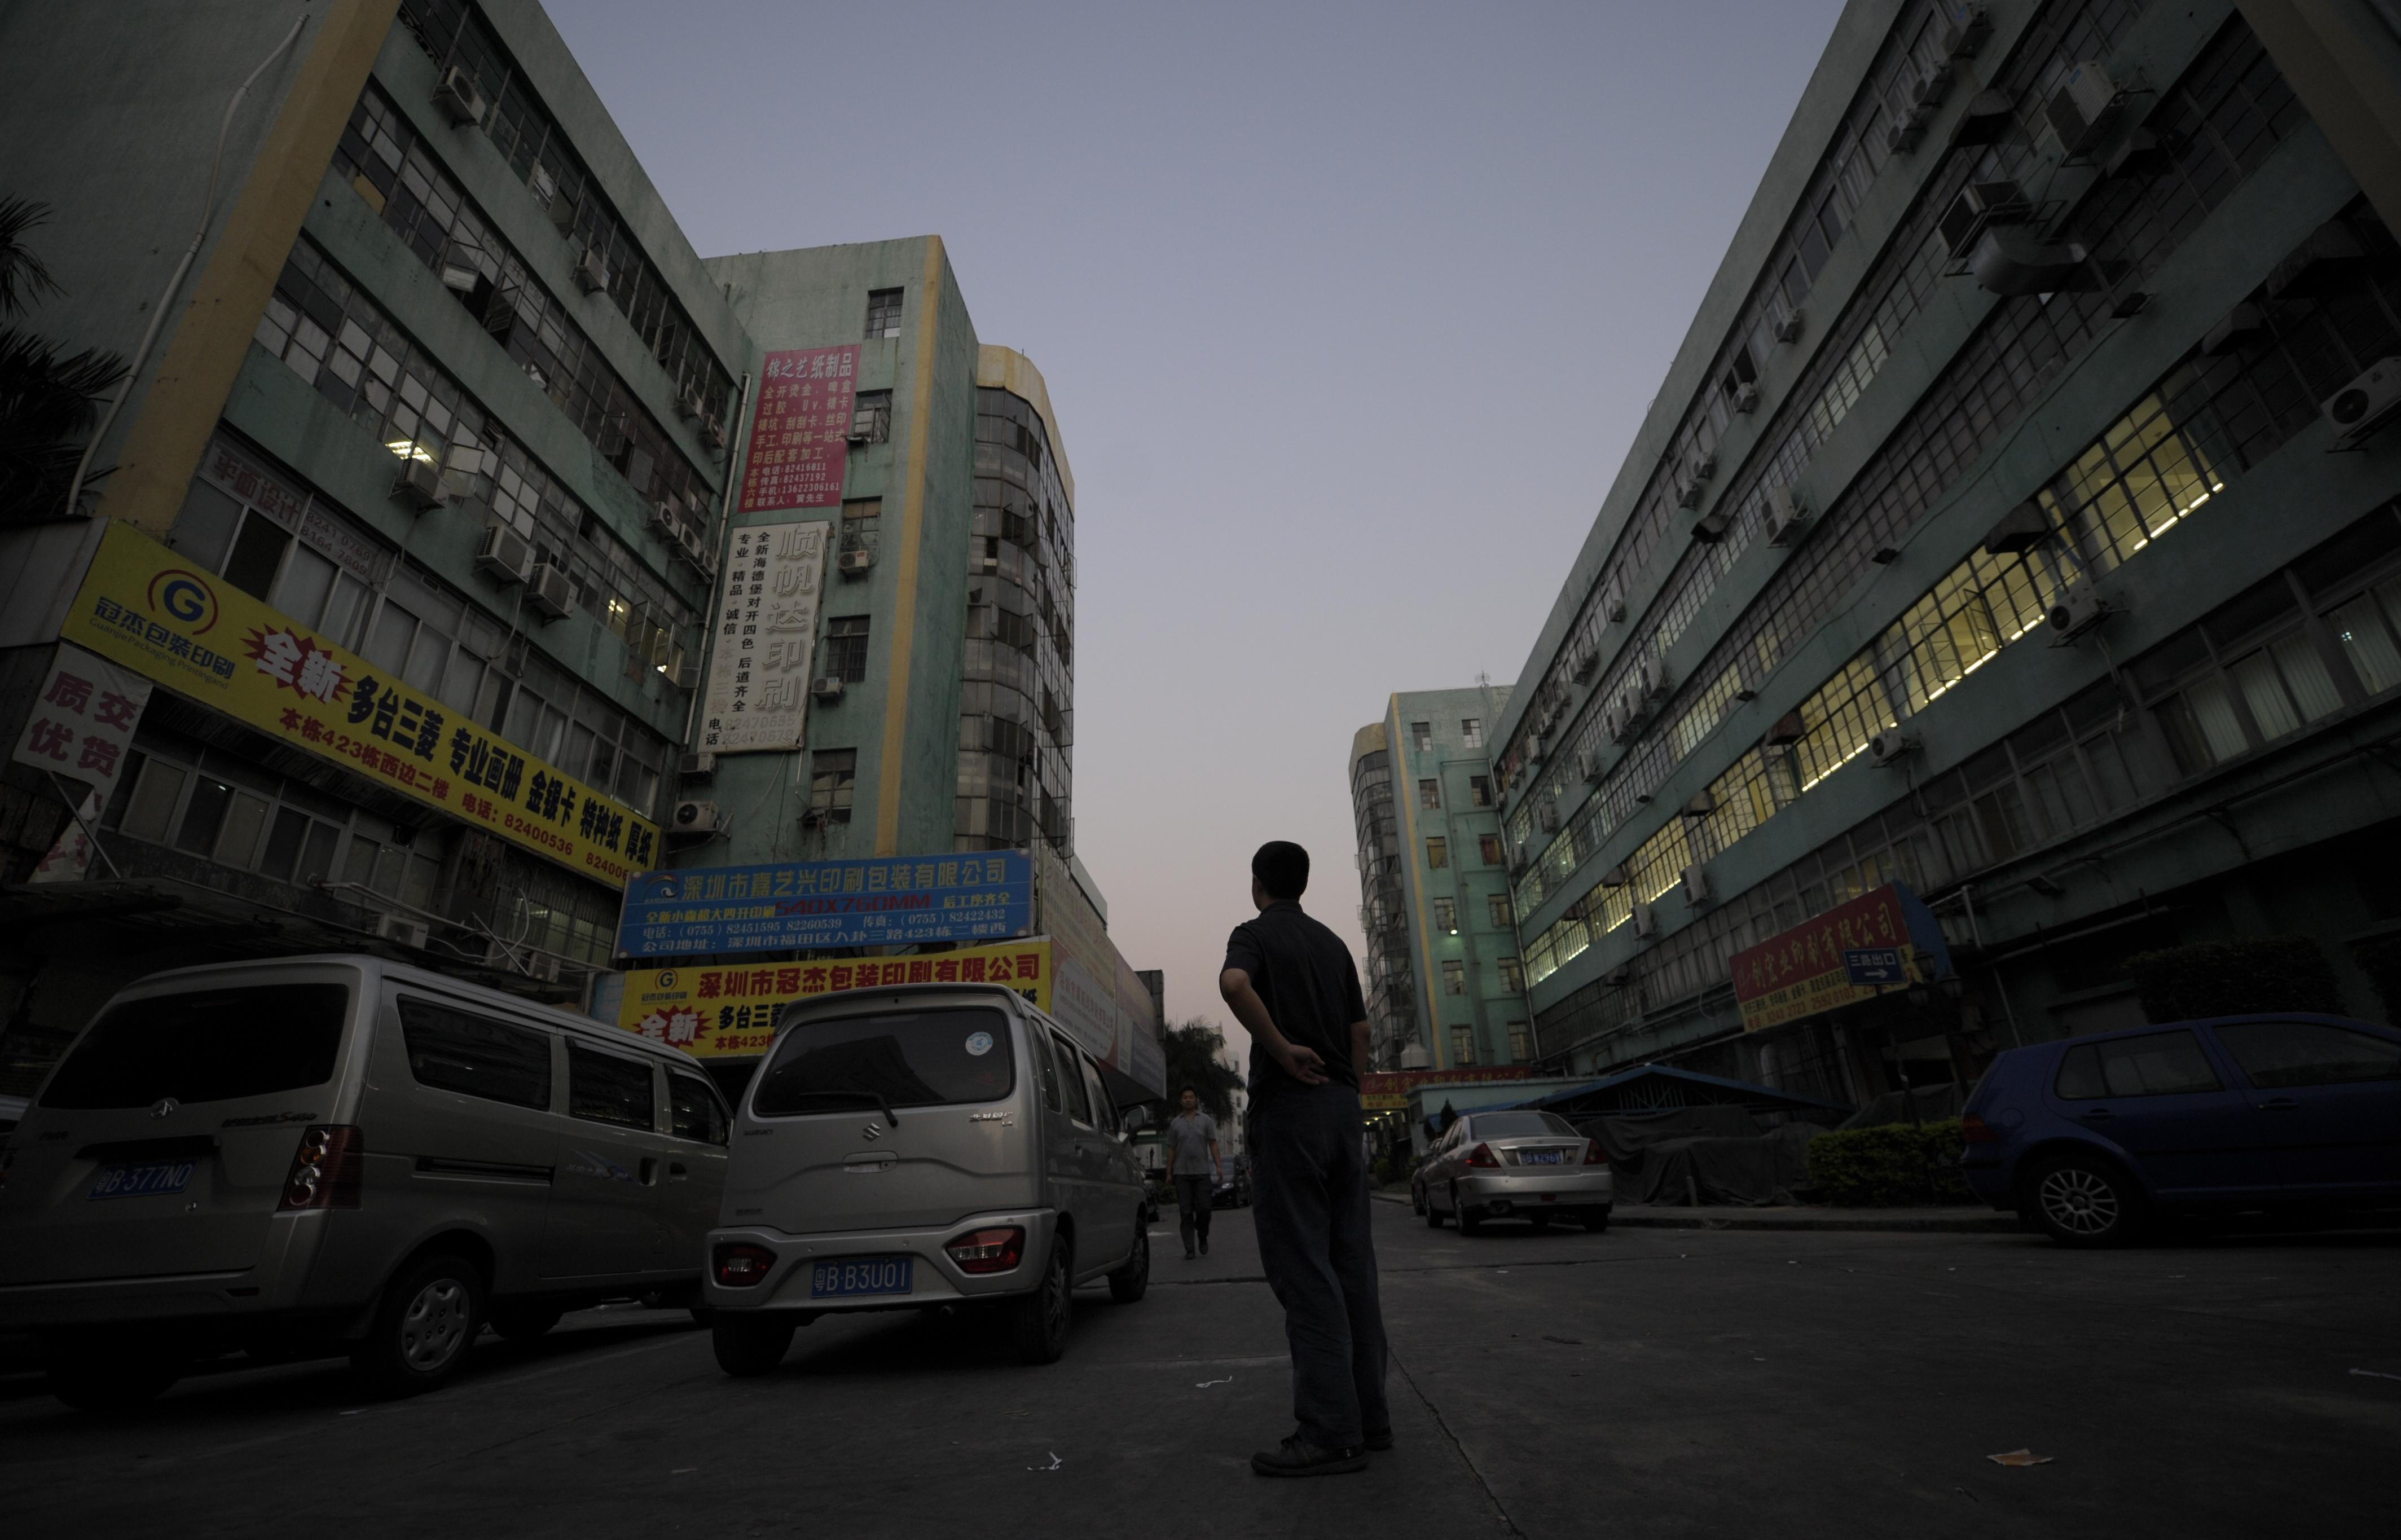 深圳成貿易戰重災區 專家:將延燒至其它省市